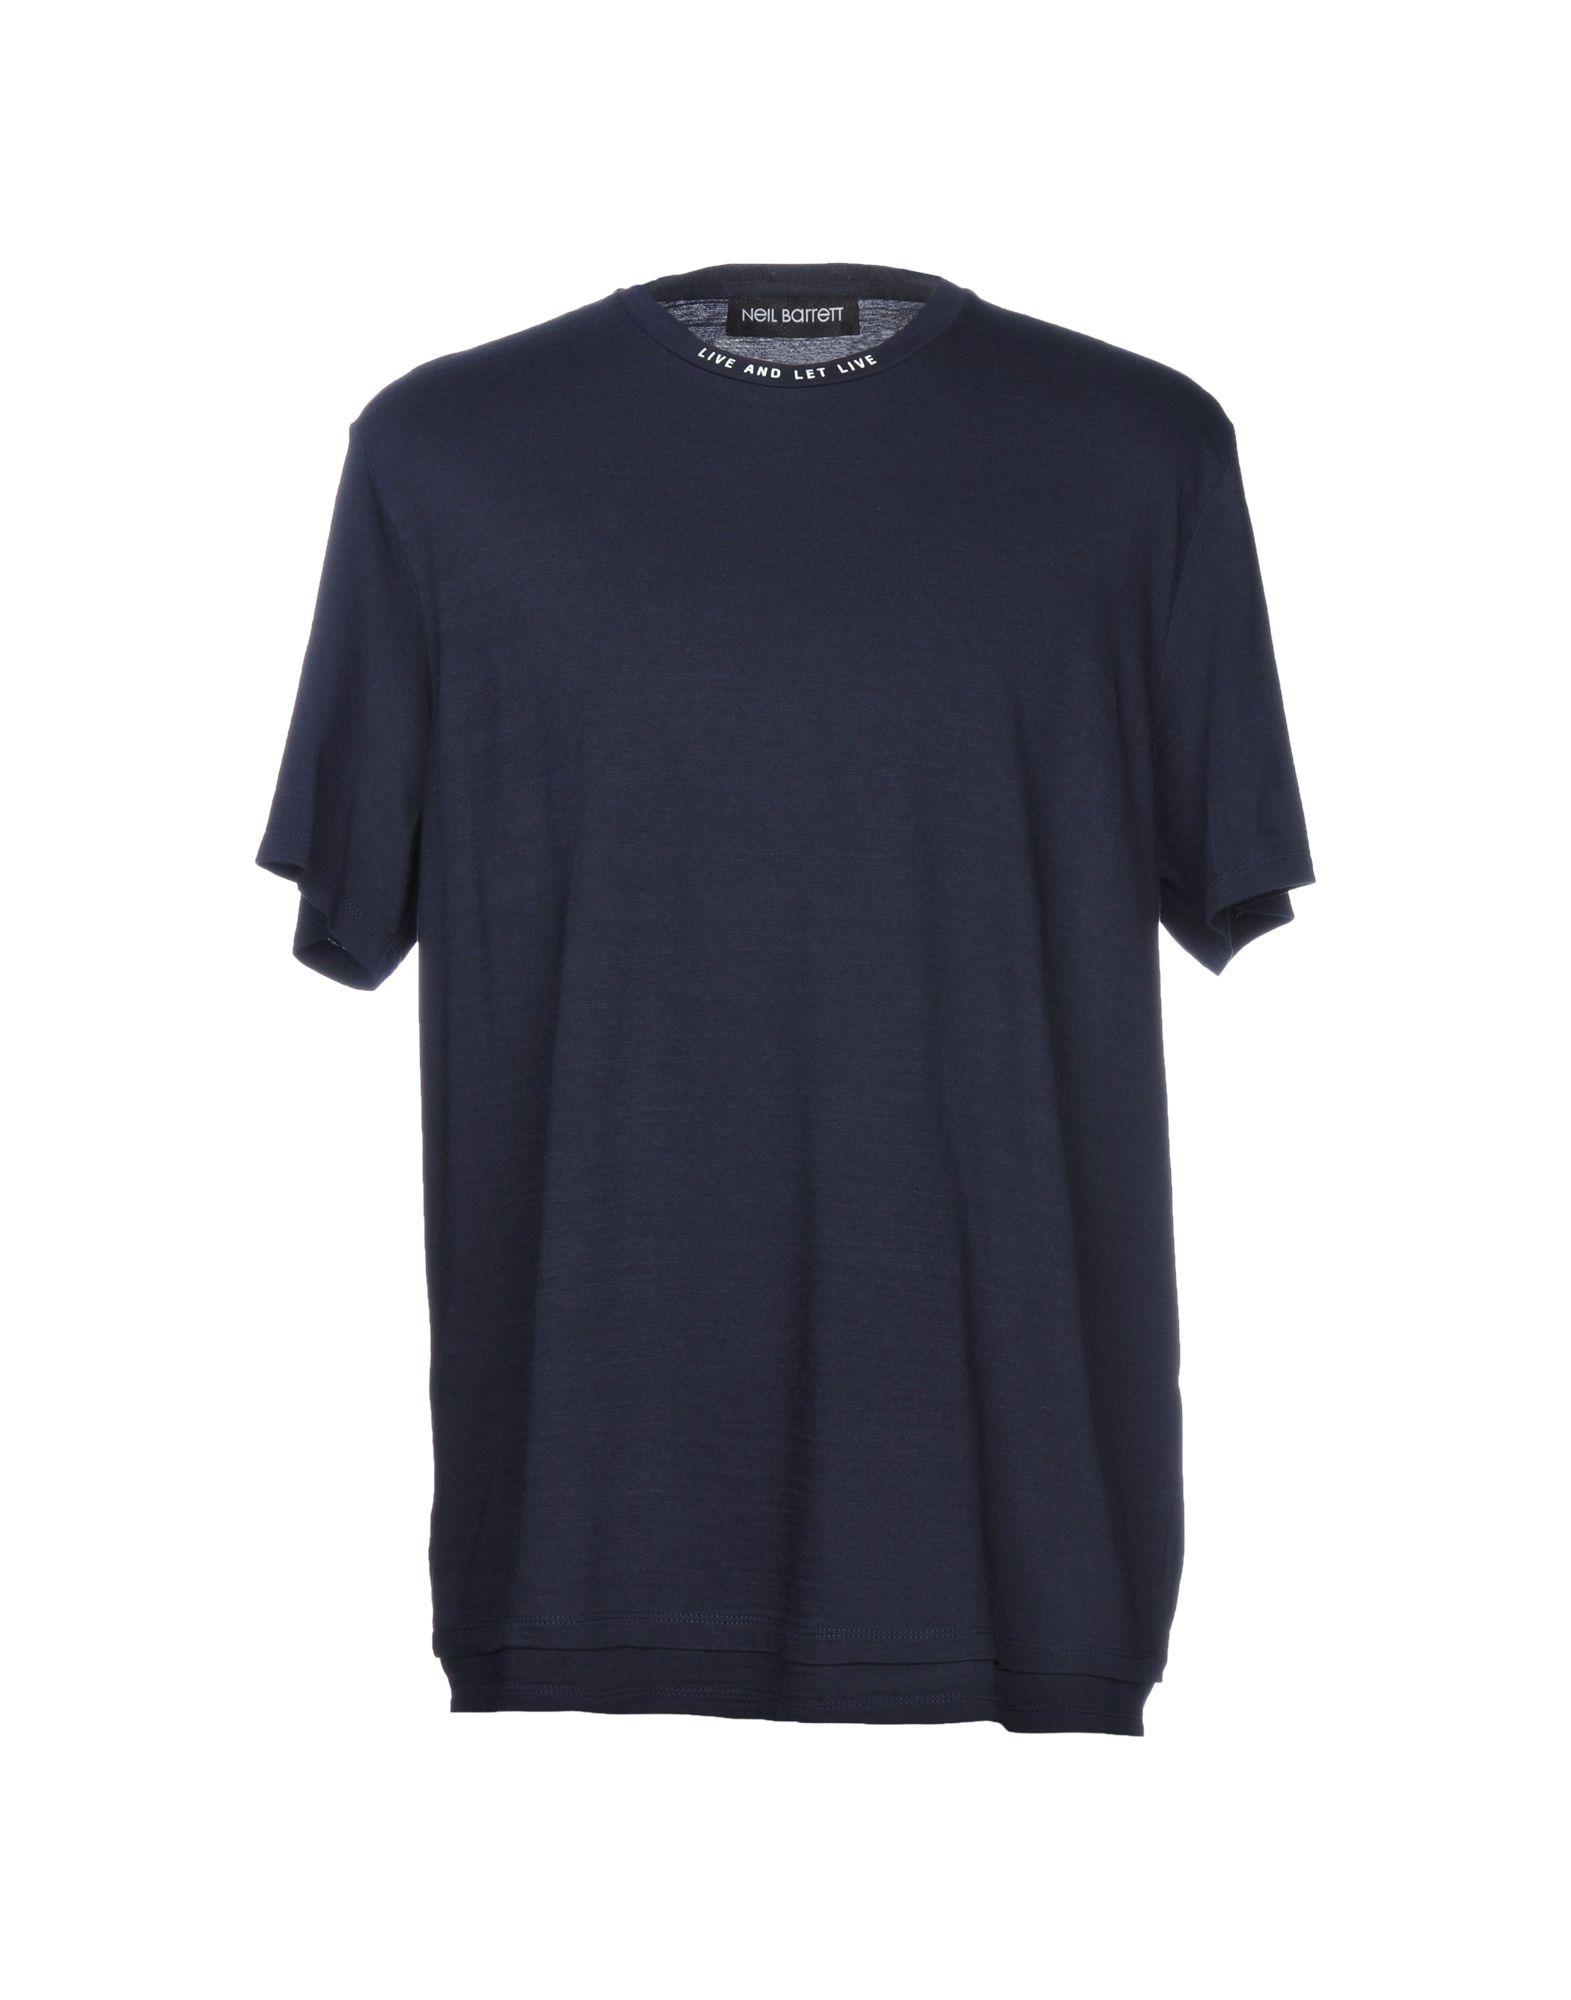 T-Shirt Neil Barrett - Uomo - Barrett 12188891PM c46d17